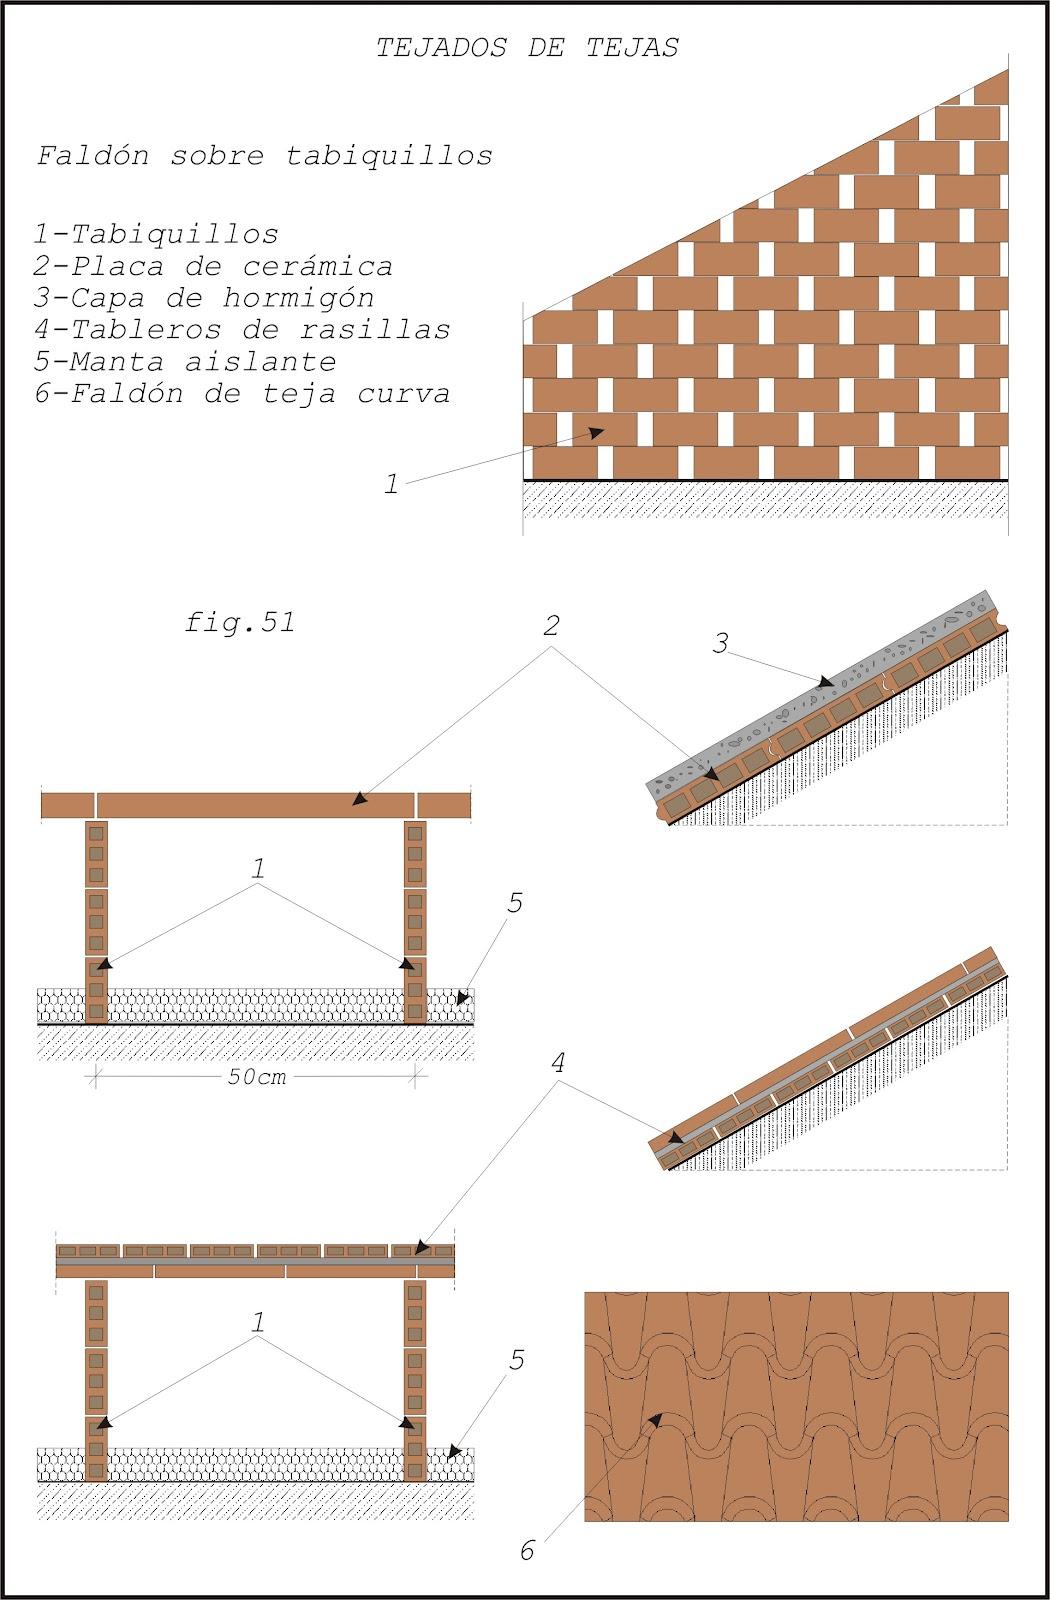 Teor a sobre alba iler a b sica cubiertas for Tejados de madera y teja